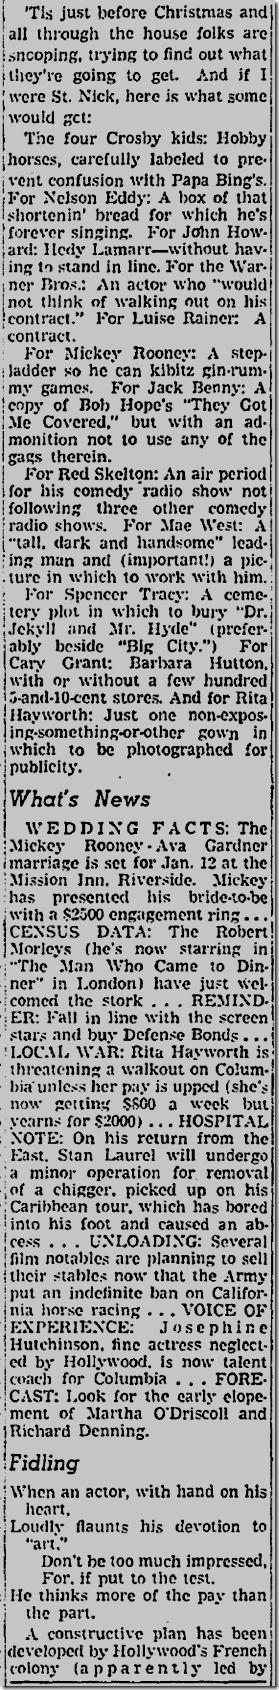 Dec. 19, 1941, Jimmie Fidler